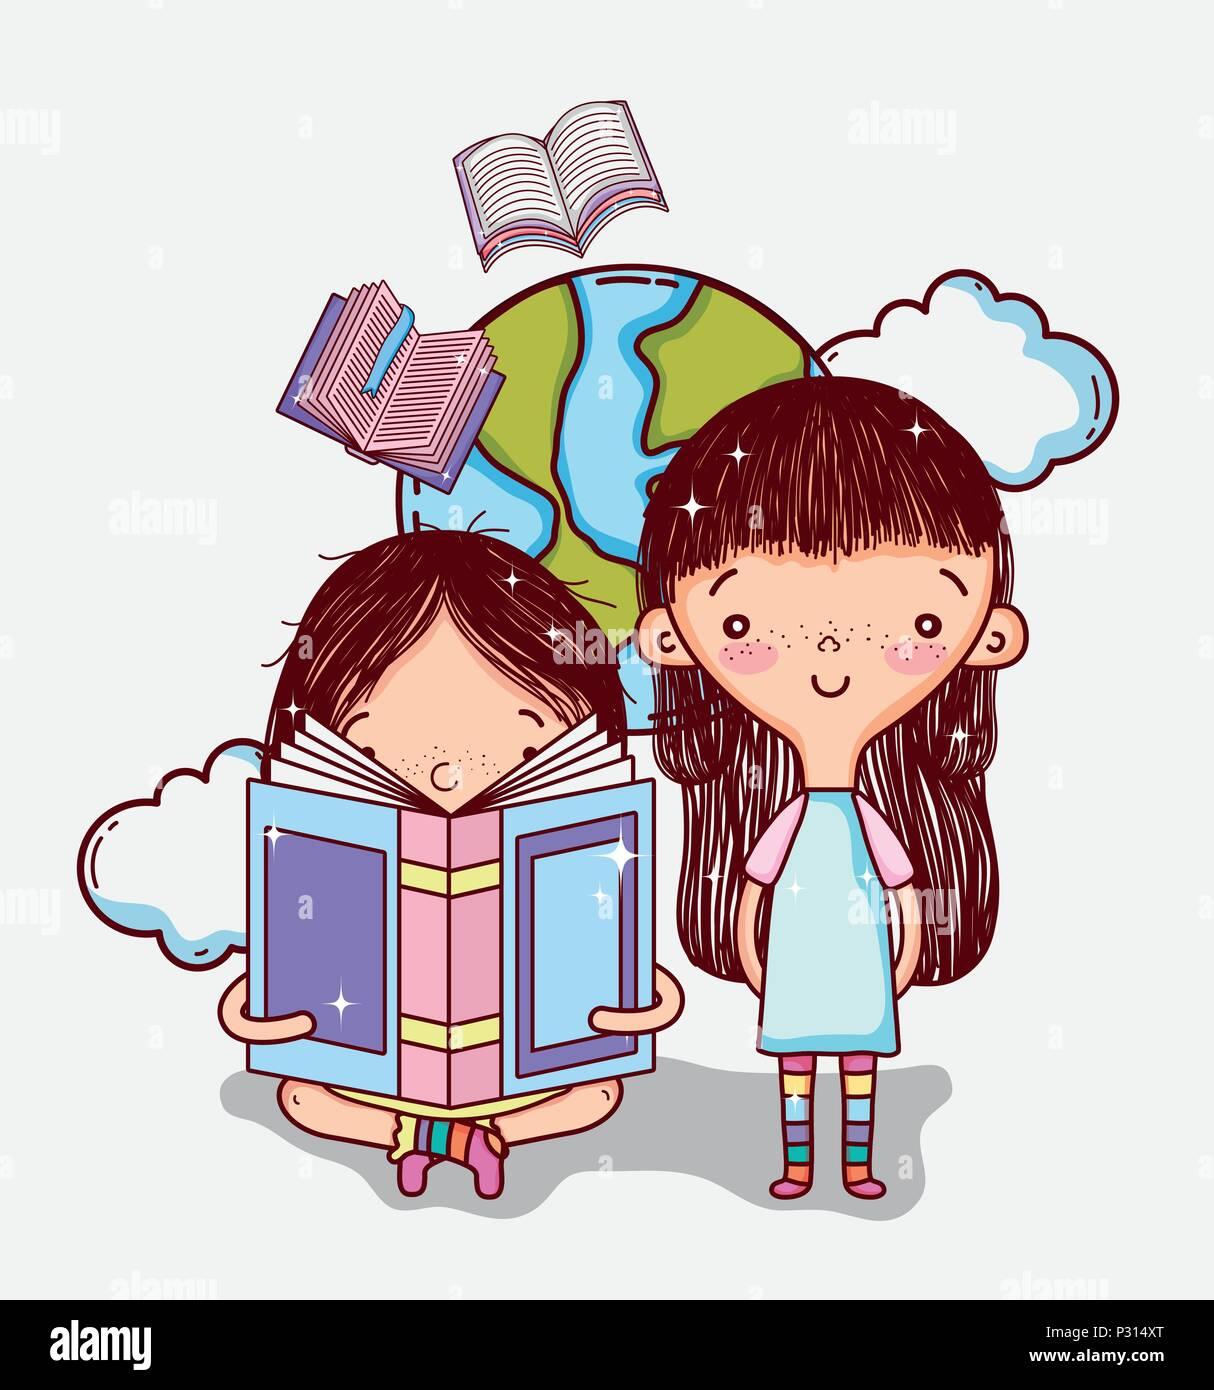 cute girls cartoons stock vector art & illustration, vector image